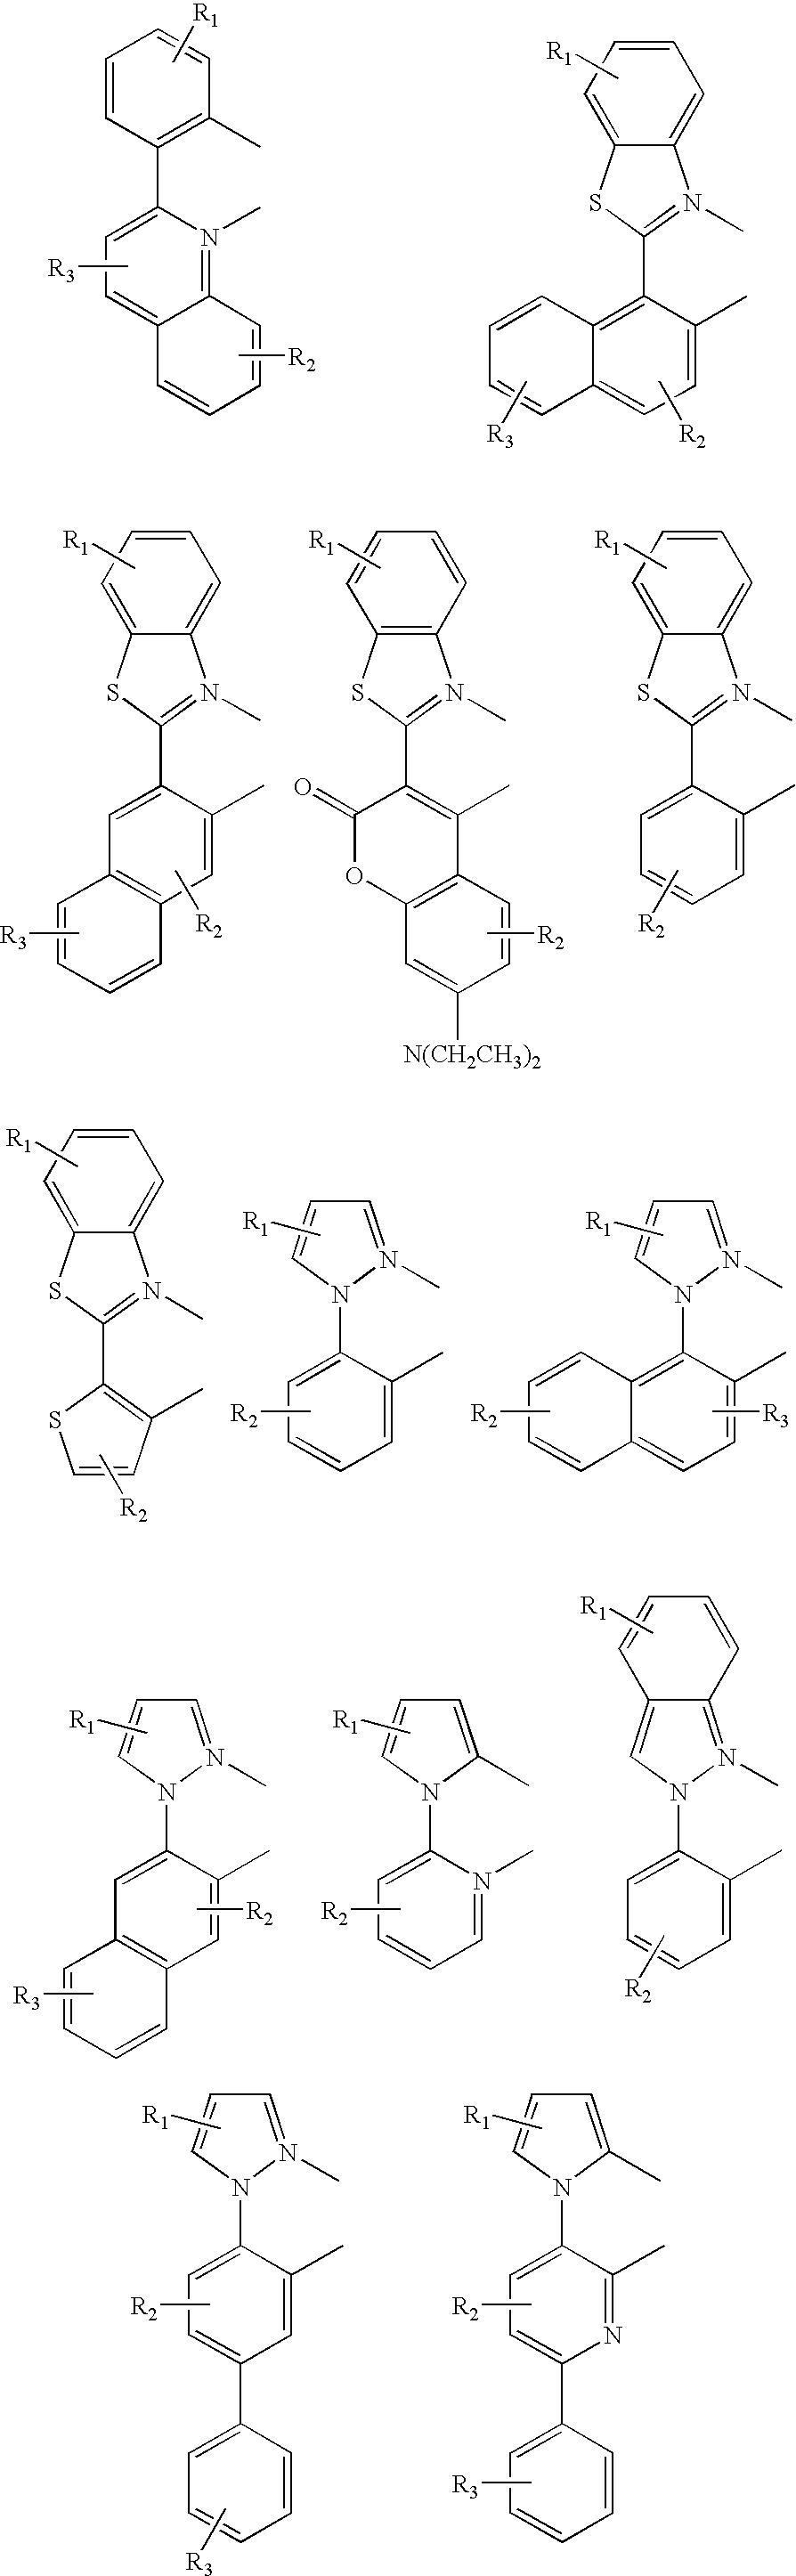 Figure US20050112406A1-20050526-C00006